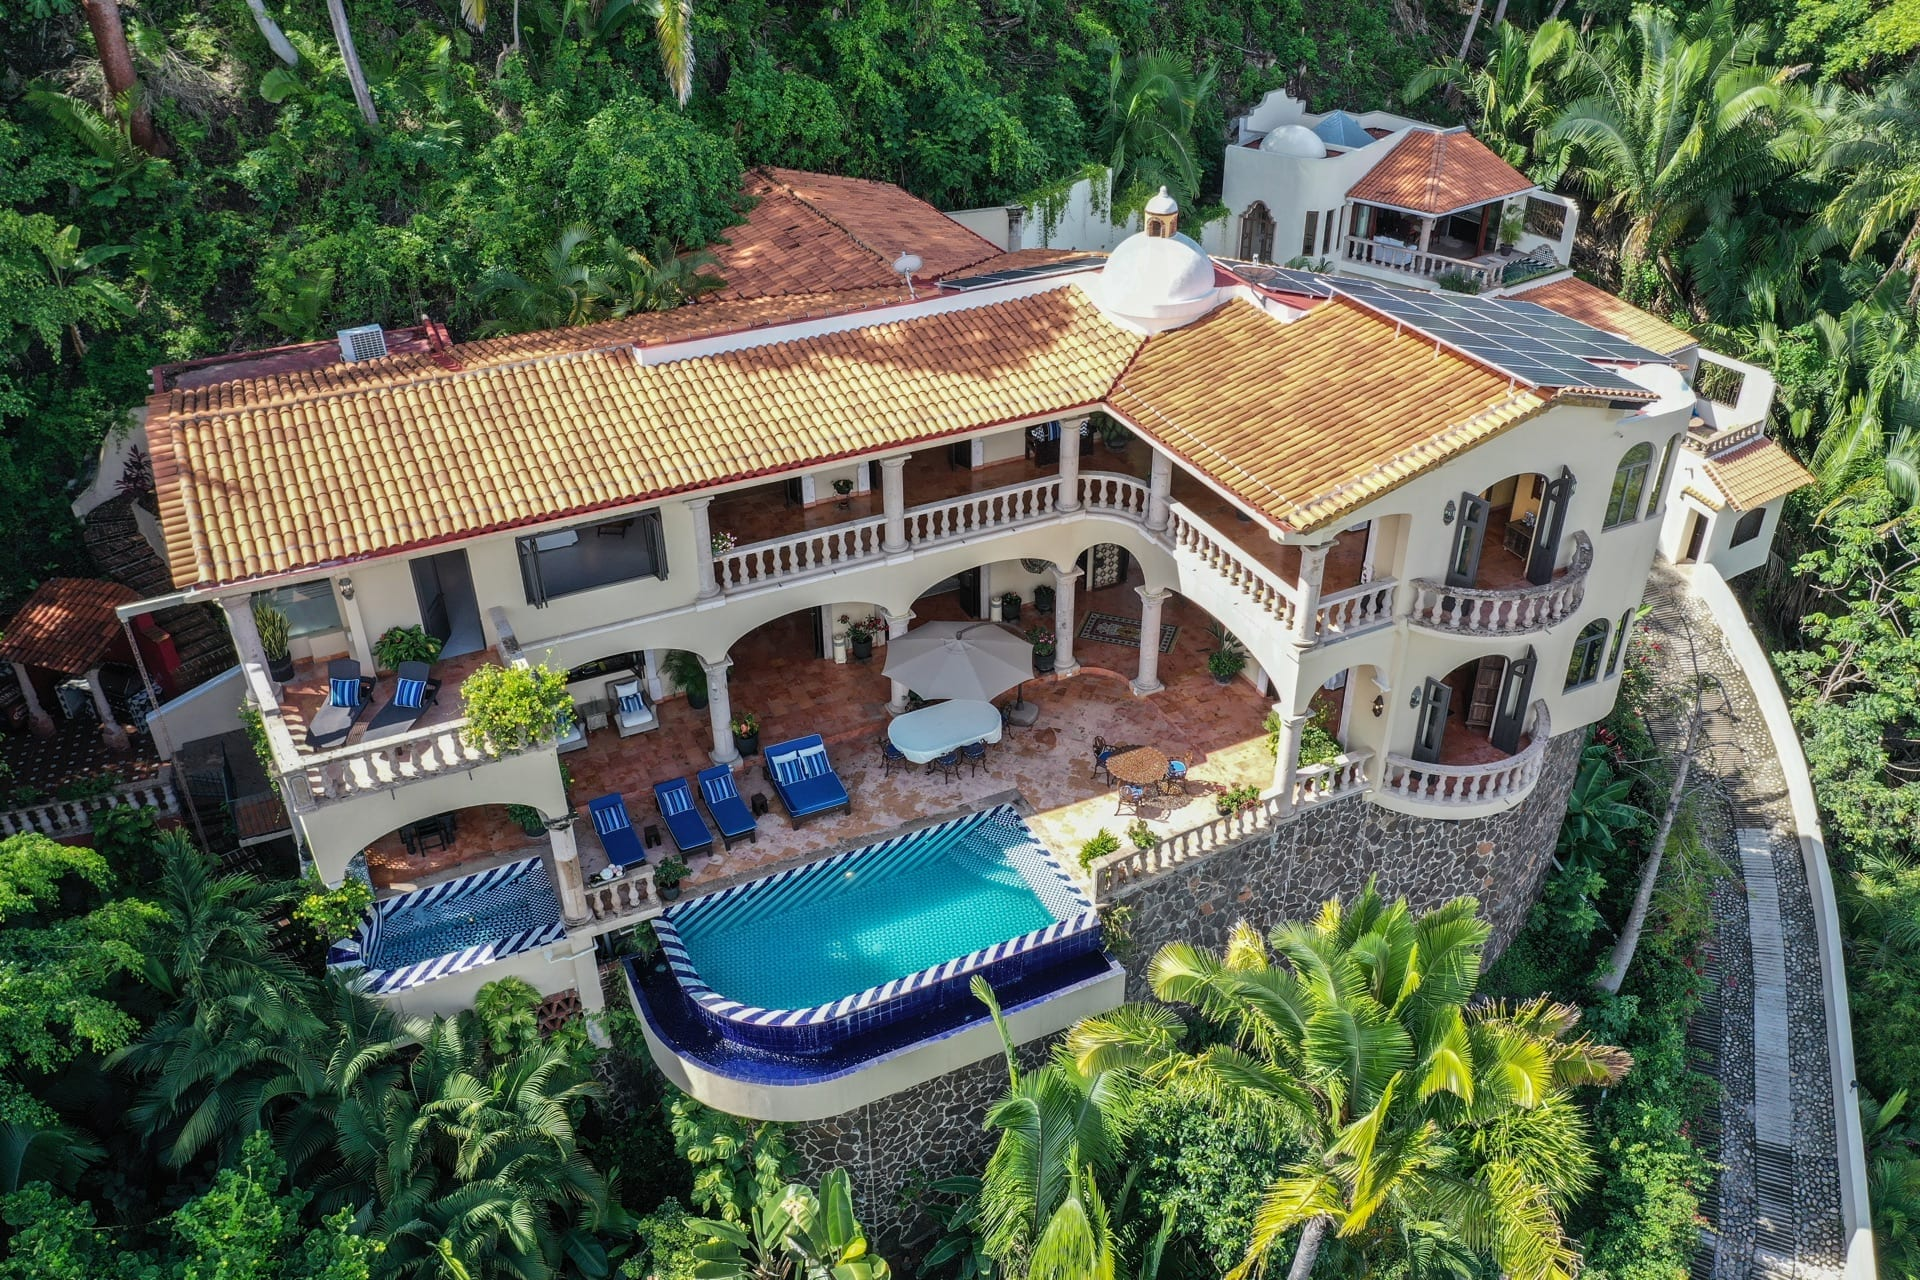 Hacienda De Los Santos Drone